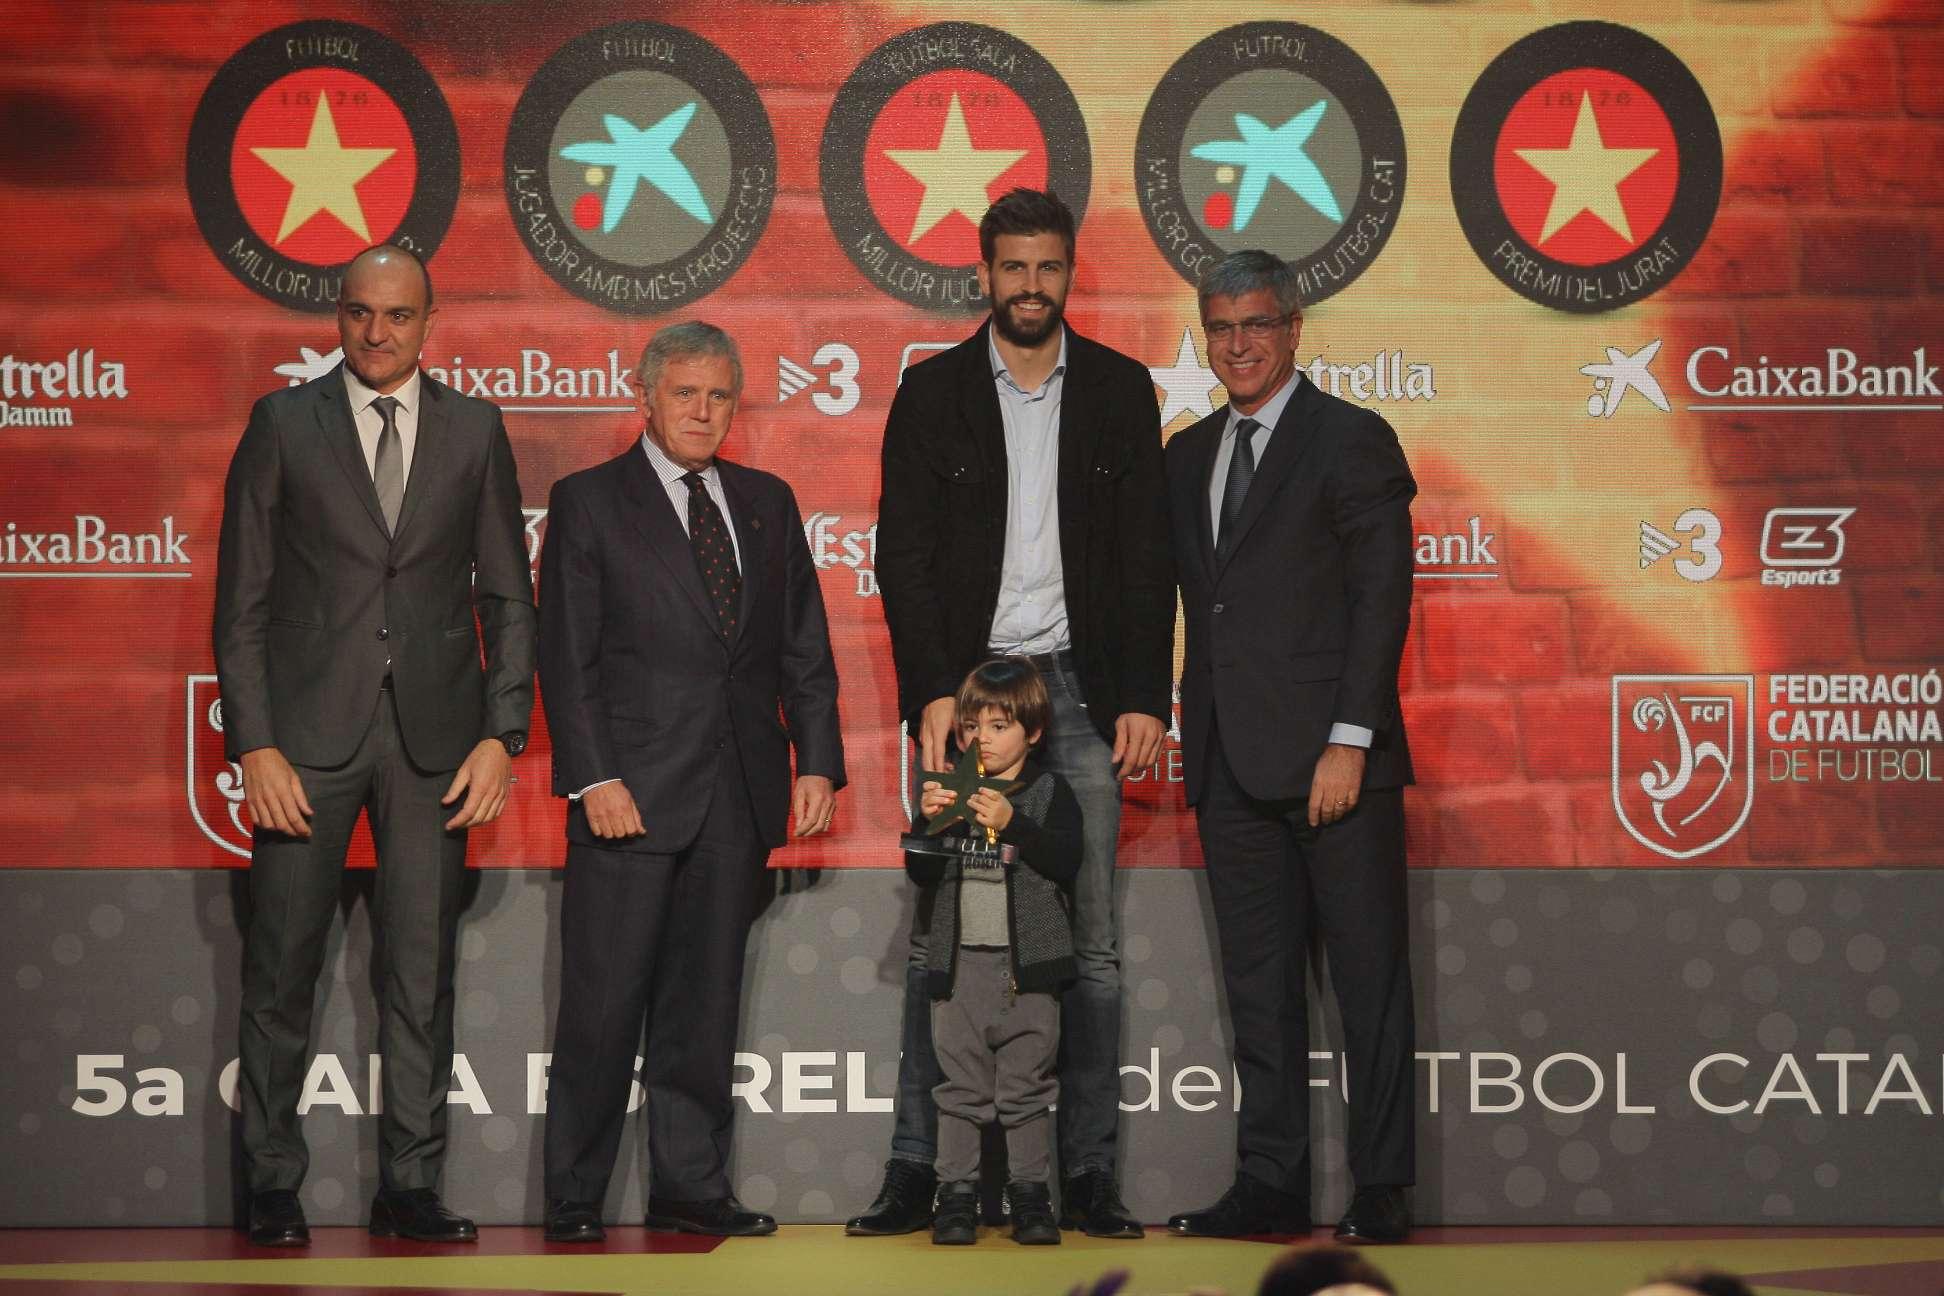 Gerard Piqué, guardonat com a millor jugador a la 5a Gala de les Estrelles